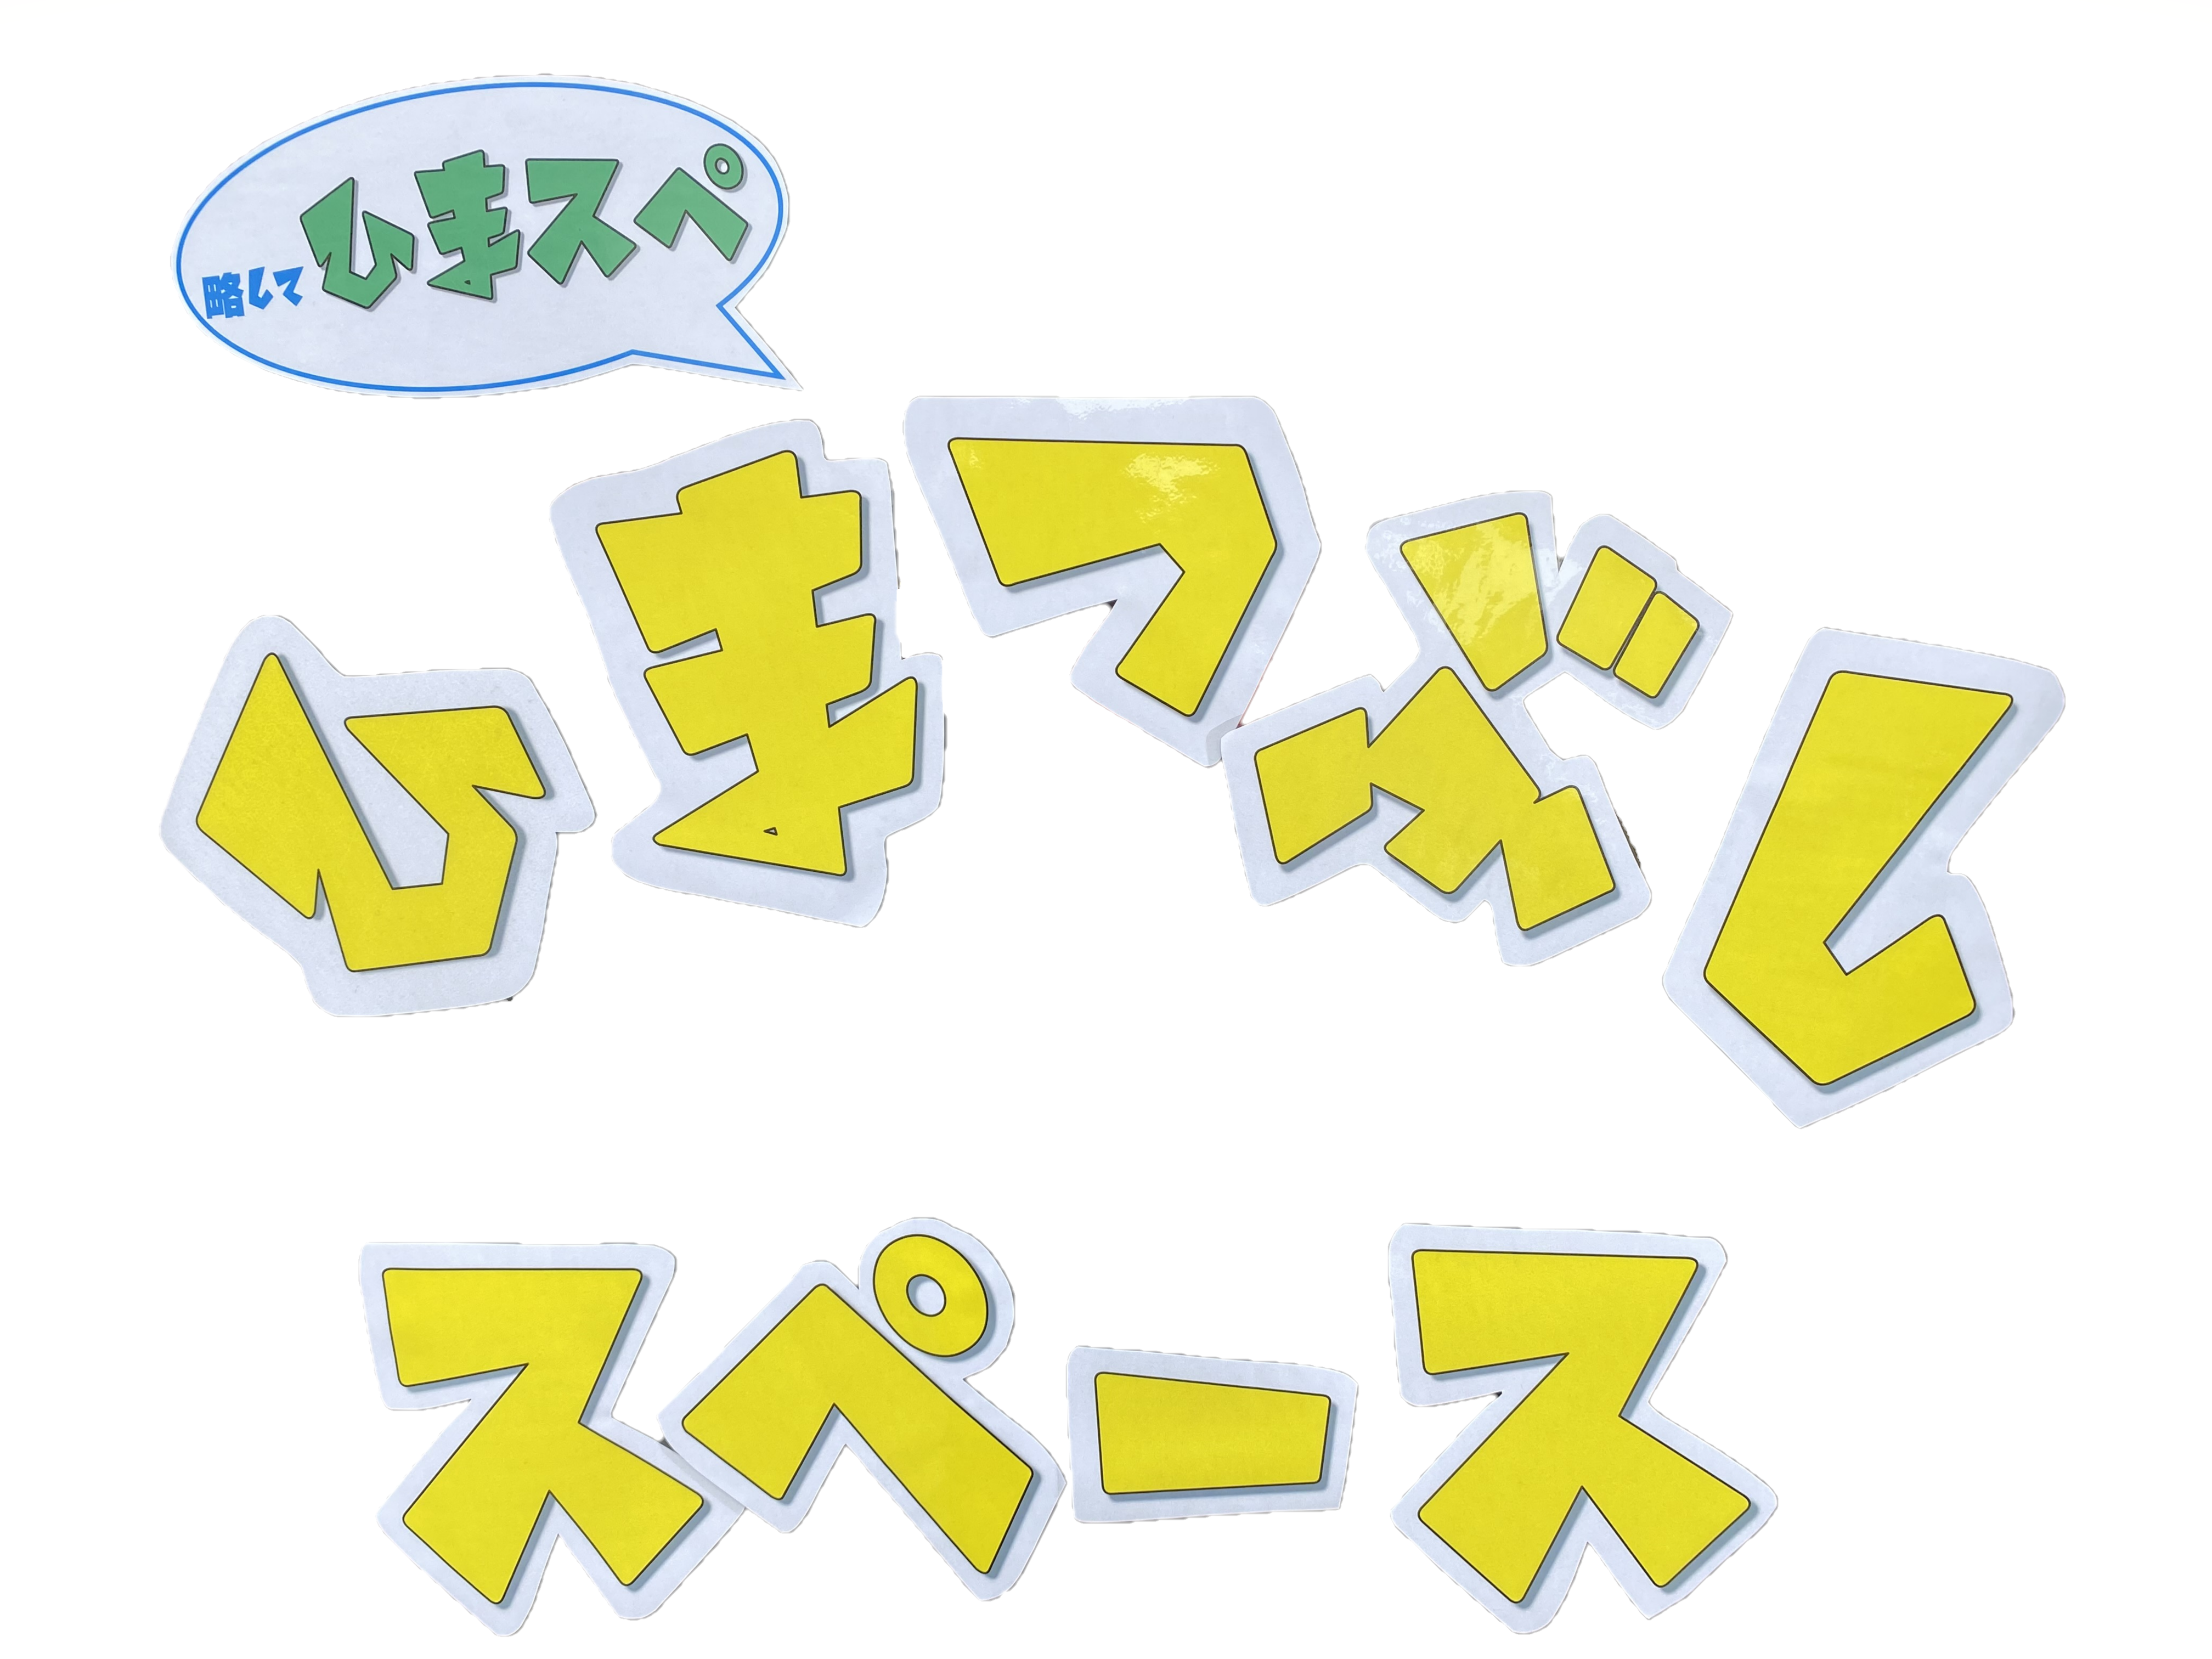 ひまつぶしスペース(ヒマツブシスペース)